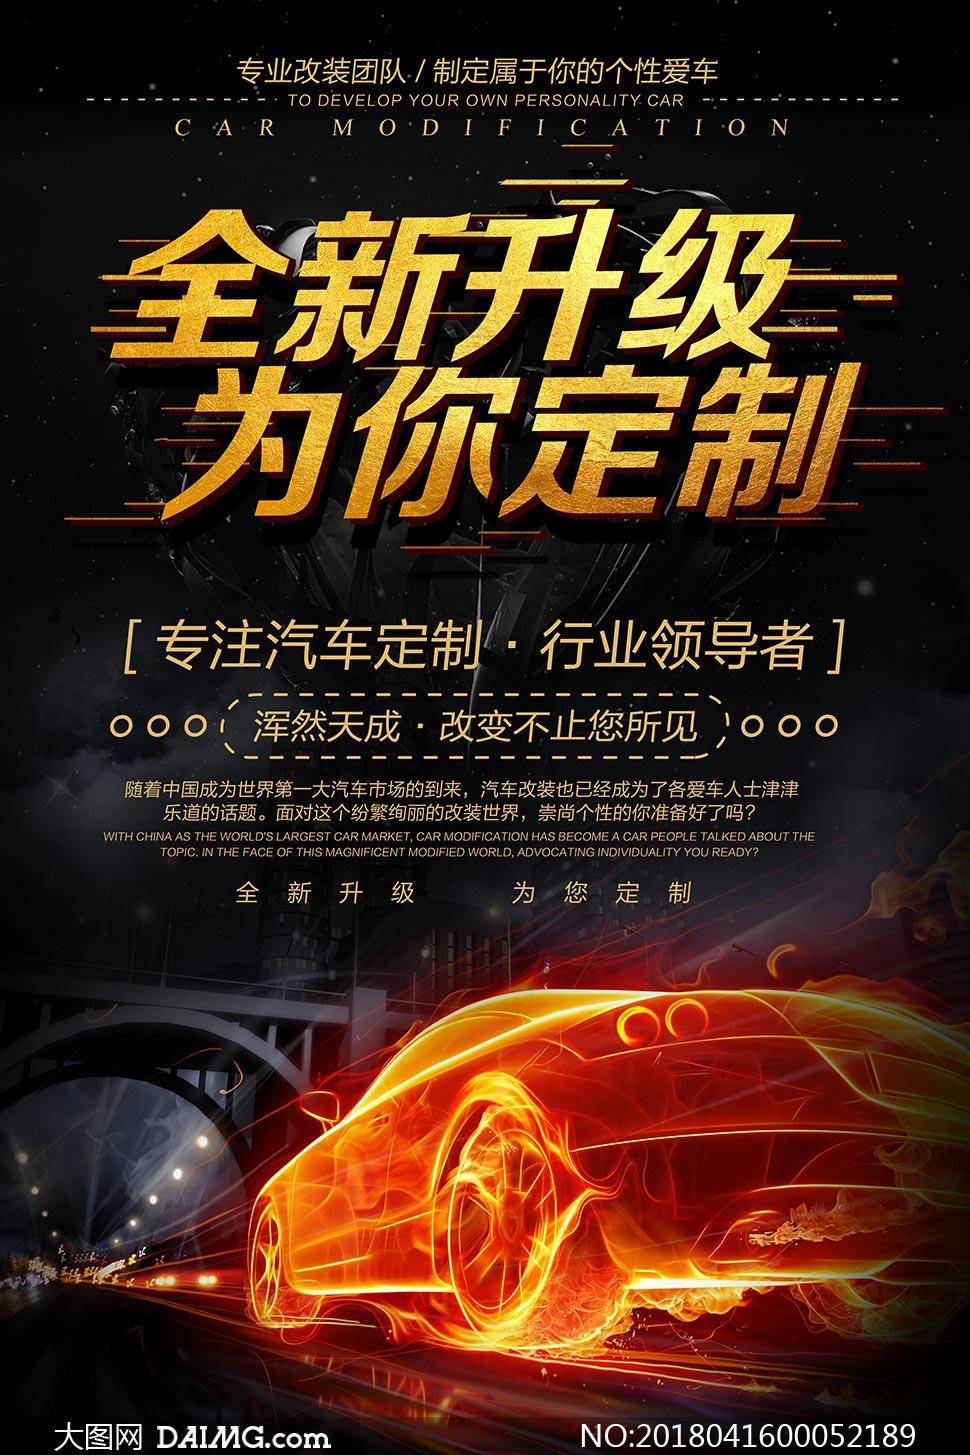 汽车私人定制宣传海报设计PSD素材